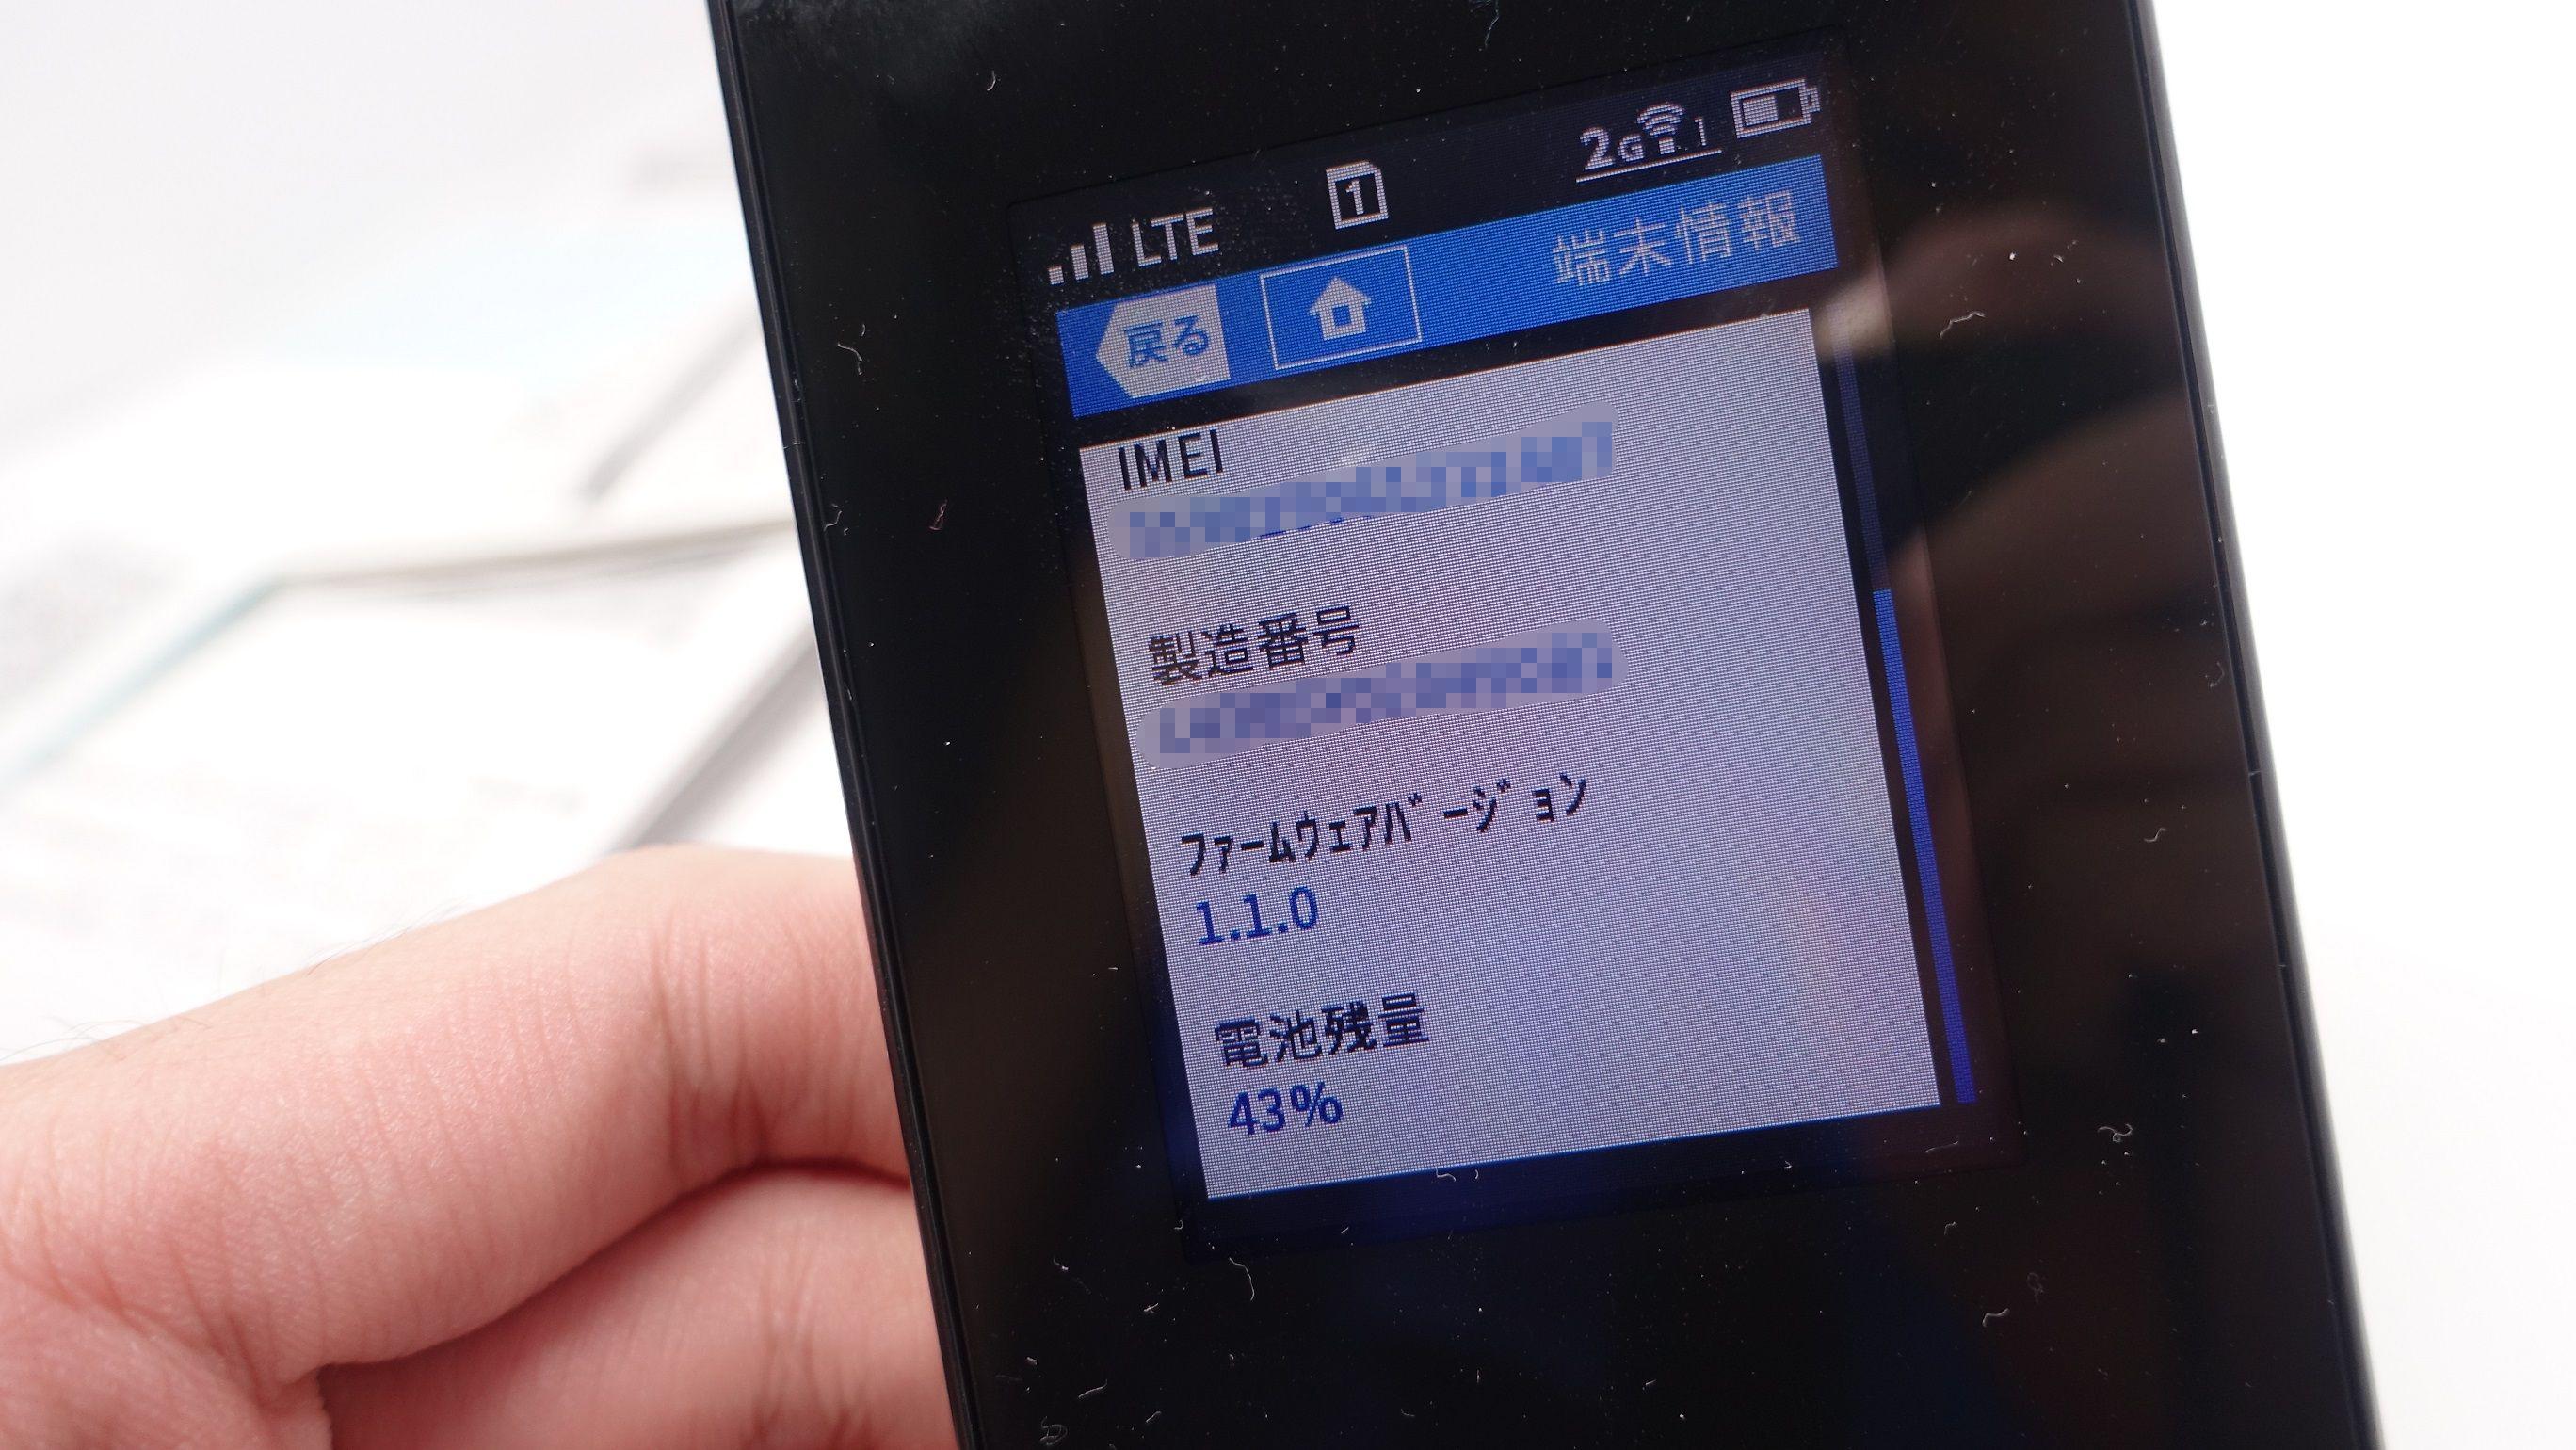 MR04LN-13.